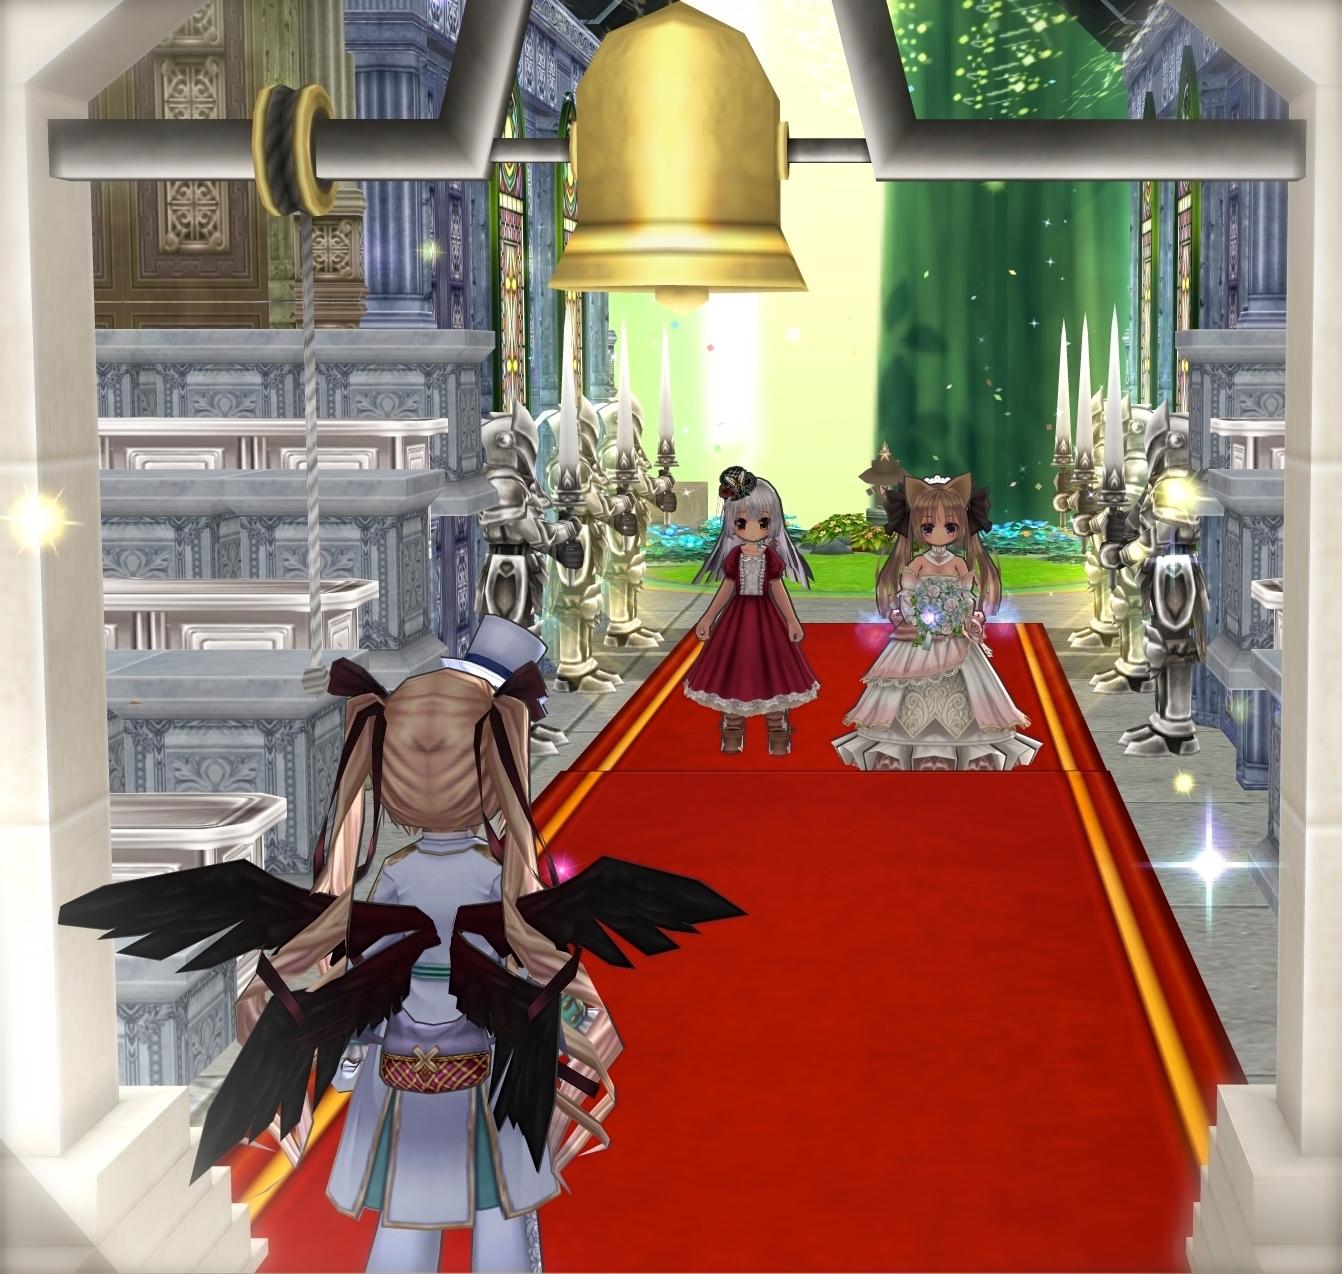 07_鐘の下にて、新婦を待つ新郎と、歩む新婦と母